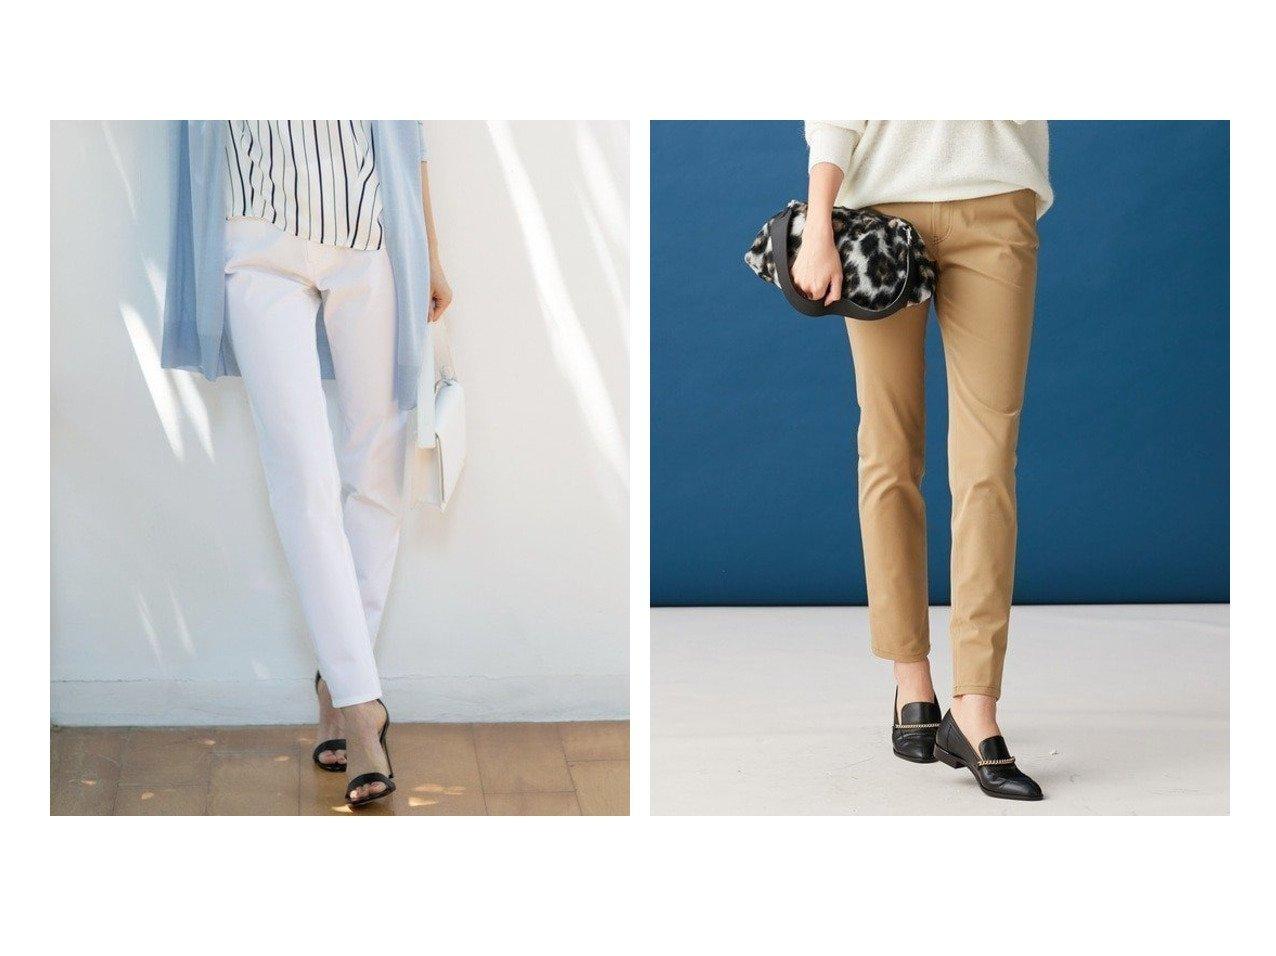 【iCB/アイシービー】の【秋の新色登場!】Super Stretch Thread パンツ パンツのおすすめ!人気、トレンド・レディースファッションの通販 おすすめで人気の流行・トレンド、ファッションの通販商品 メンズファッション・キッズファッション・インテリア・家具・レディースファッション・服の通販 founy(ファニー) https://founy.com/ ファッション Fashion レディースファッション WOMEN パンツ Pants 秋 Autumn/Fall カッティング ストレッチ 定番 Standard 人気 ポケット ロング 再入荷 Restock/Back in Stock/Re Arrival 送料無料 Free Shipping |ID:crp329100000012739